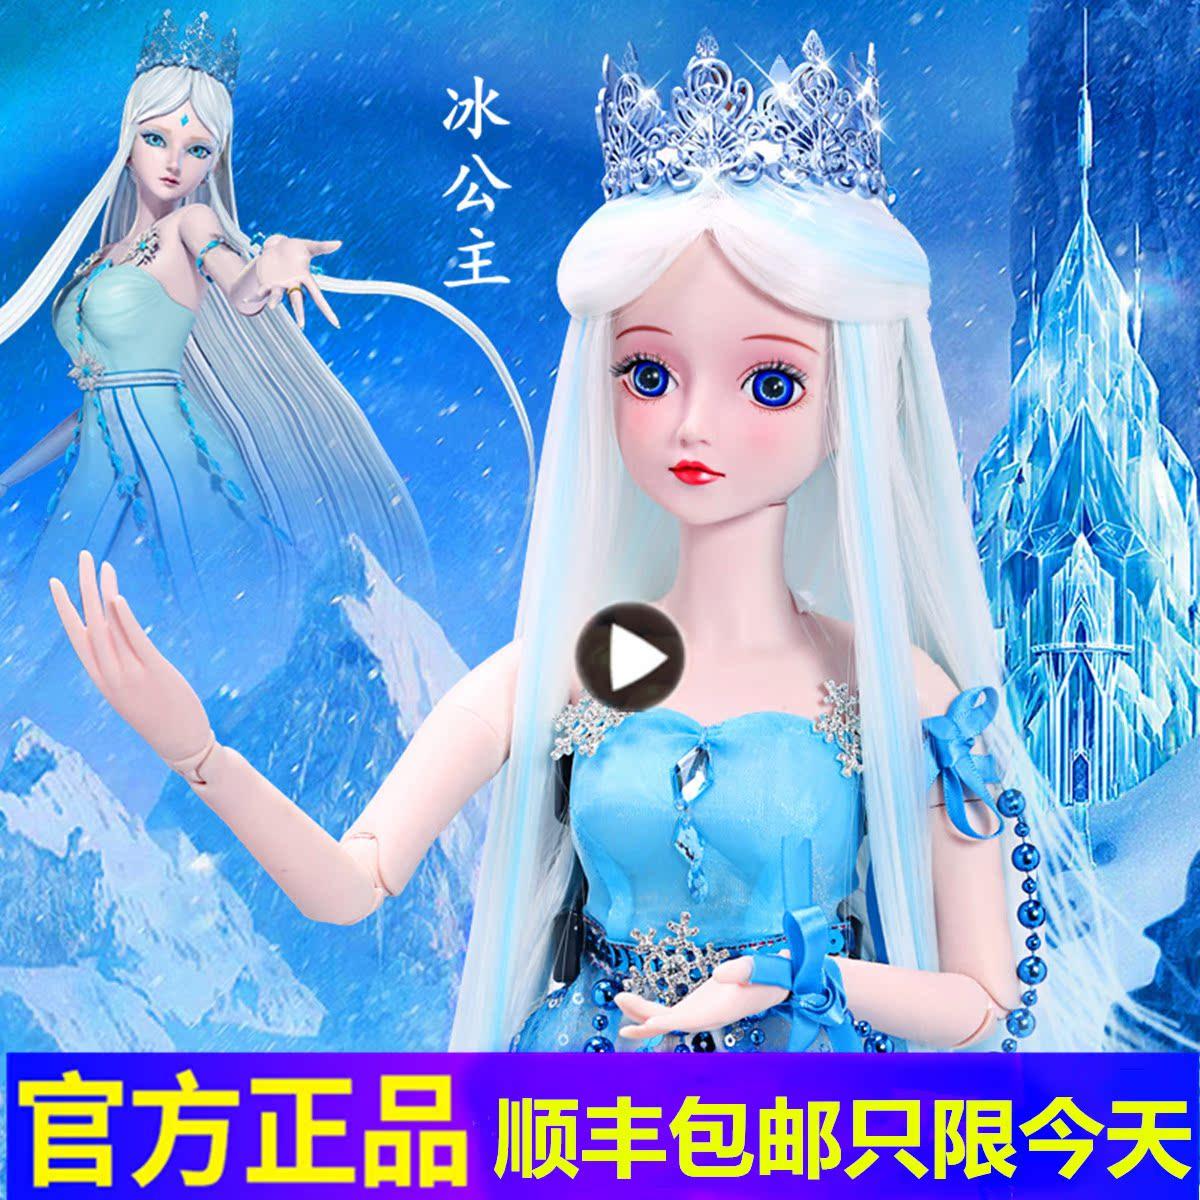 精灵梦 叶罗丽 新款60厘米冰公主 仙子版白光莹 娃娃正品包邮玩具图片